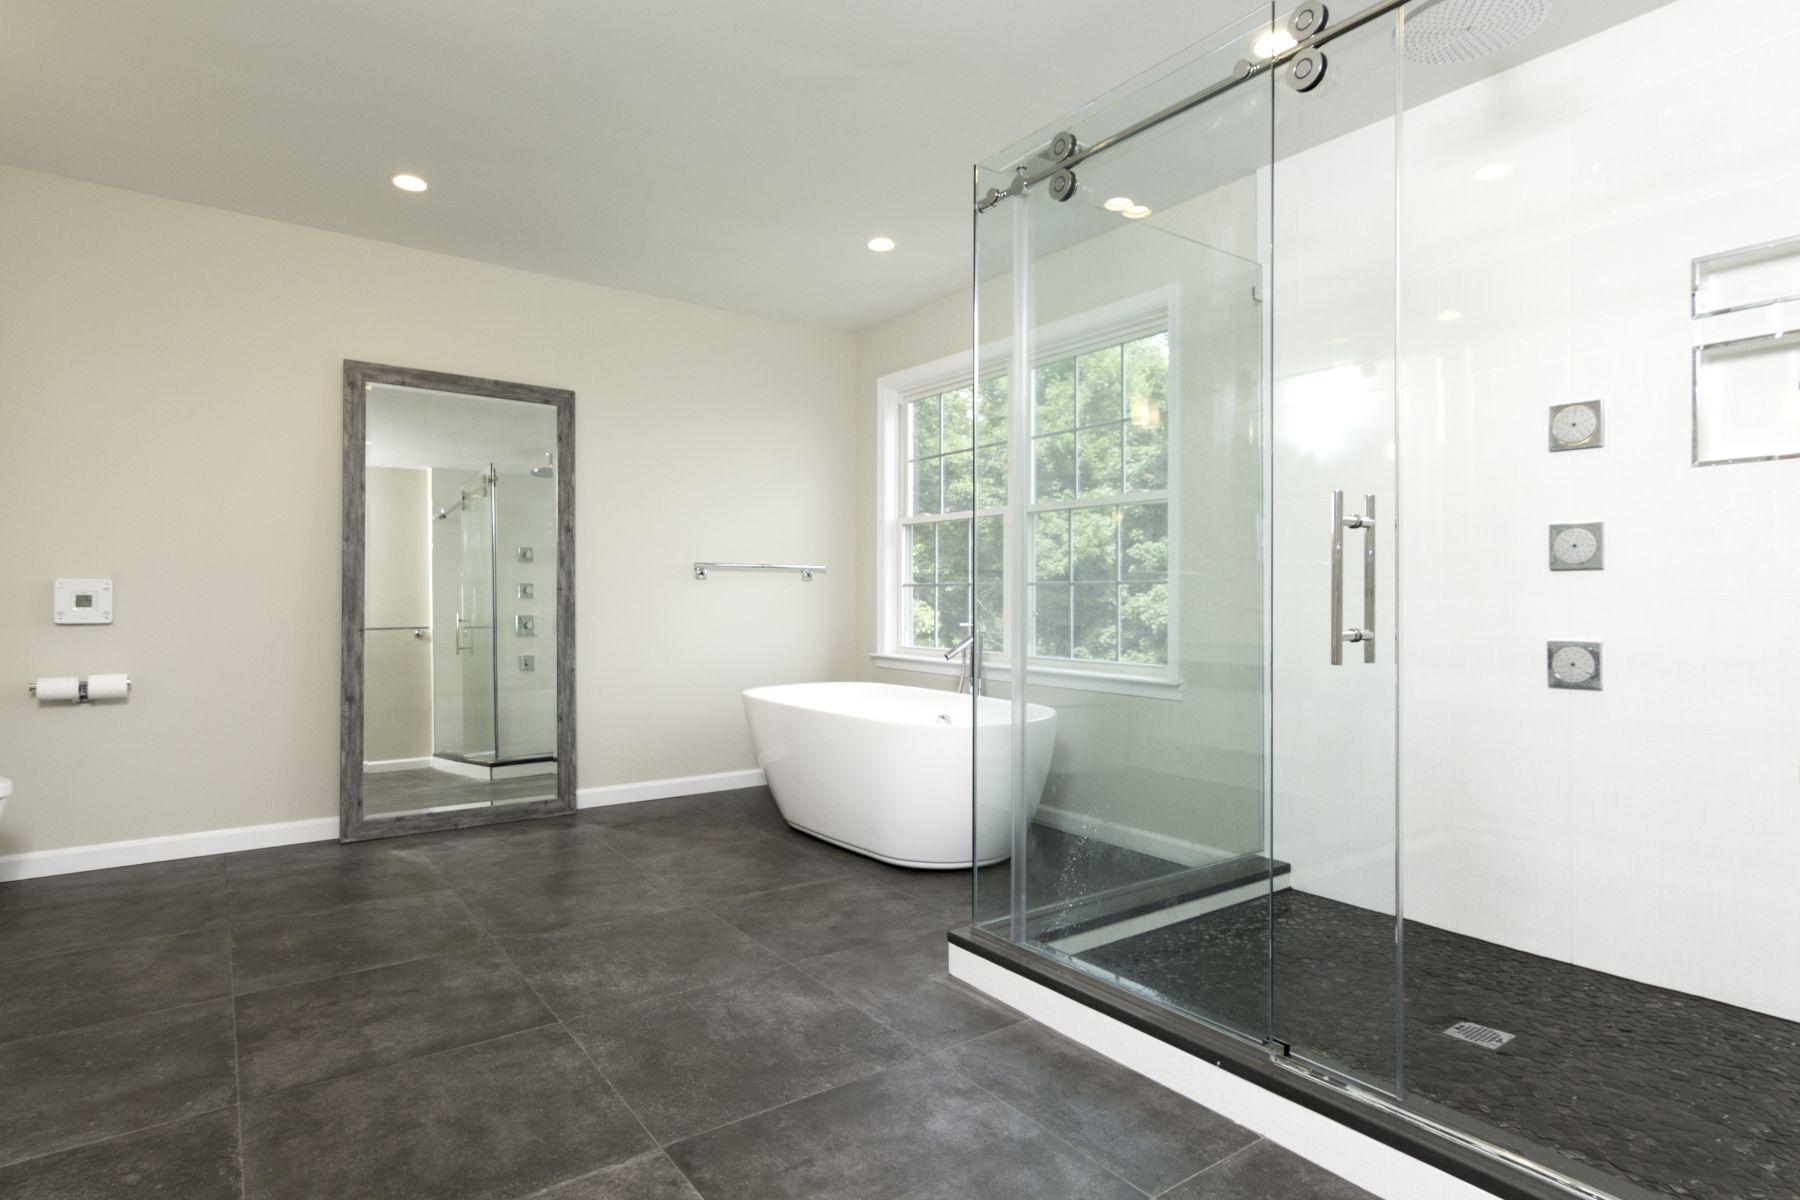 Bathroom Remodeling Nj Showroom Design Build